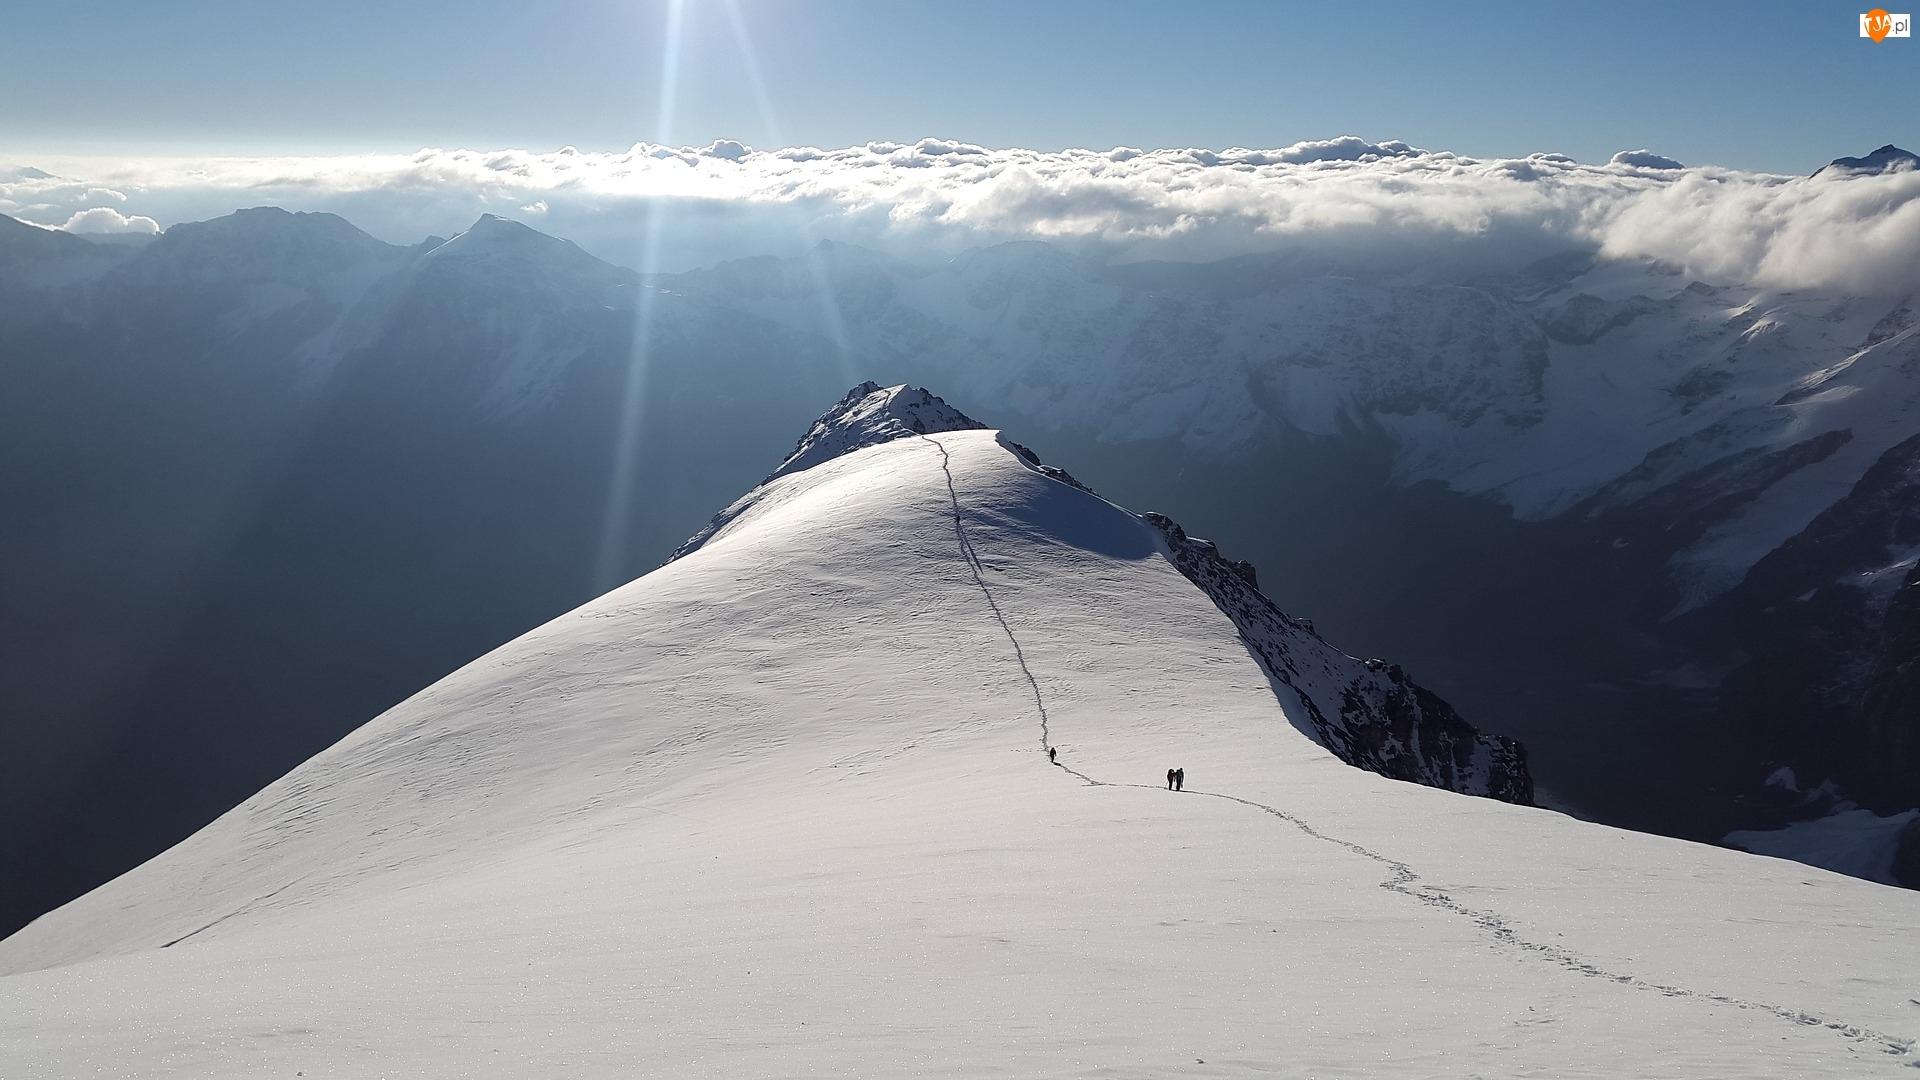 Chmury, Alpinizm, Góry, Ślady, Zima